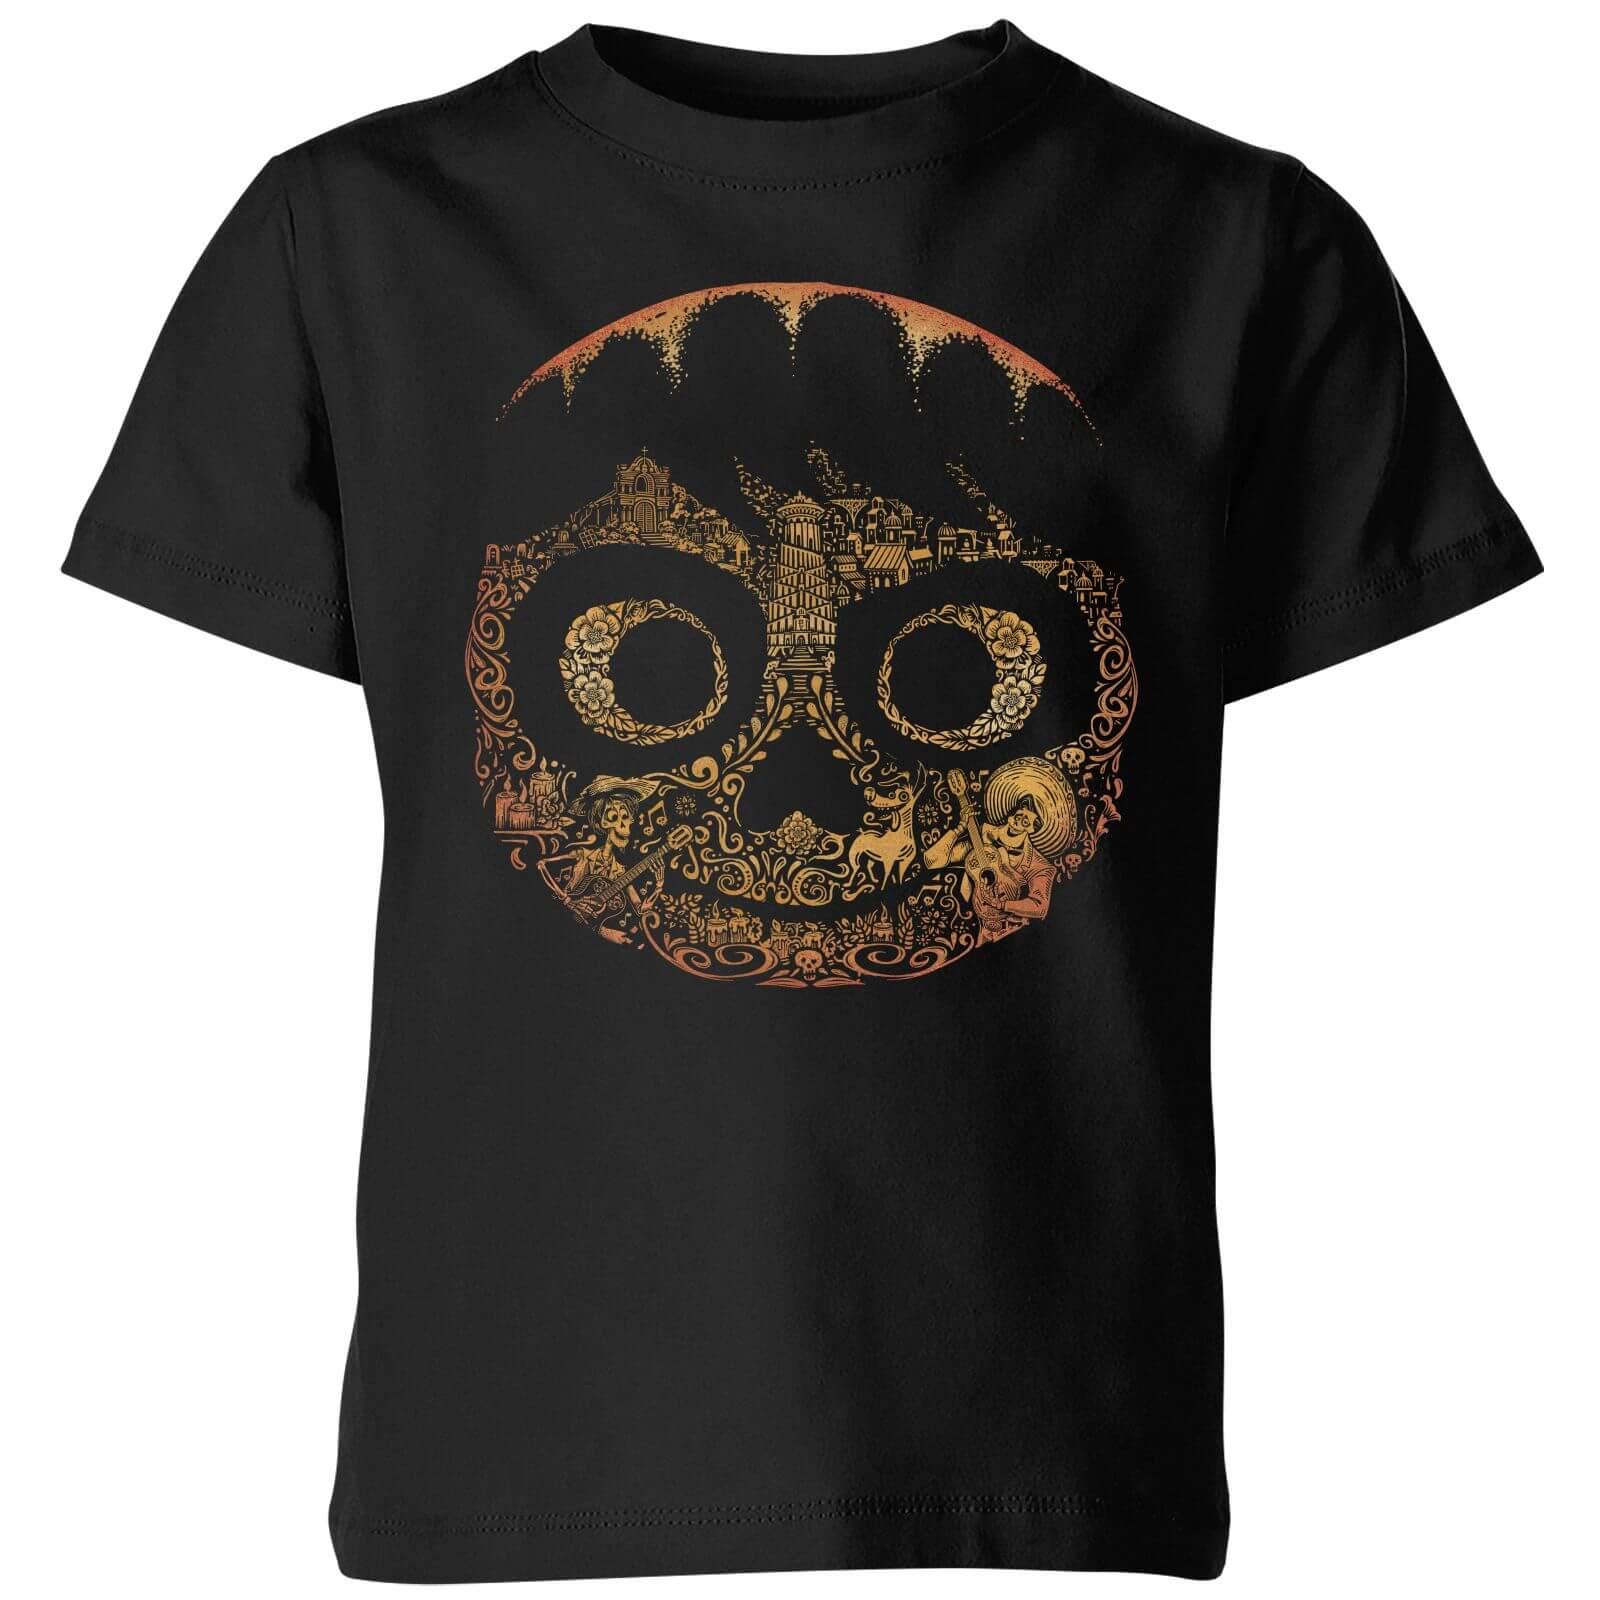 Pixar T-Shirt Enfant Visage Miguel Coco - Noir - 9-10 ans - Noir